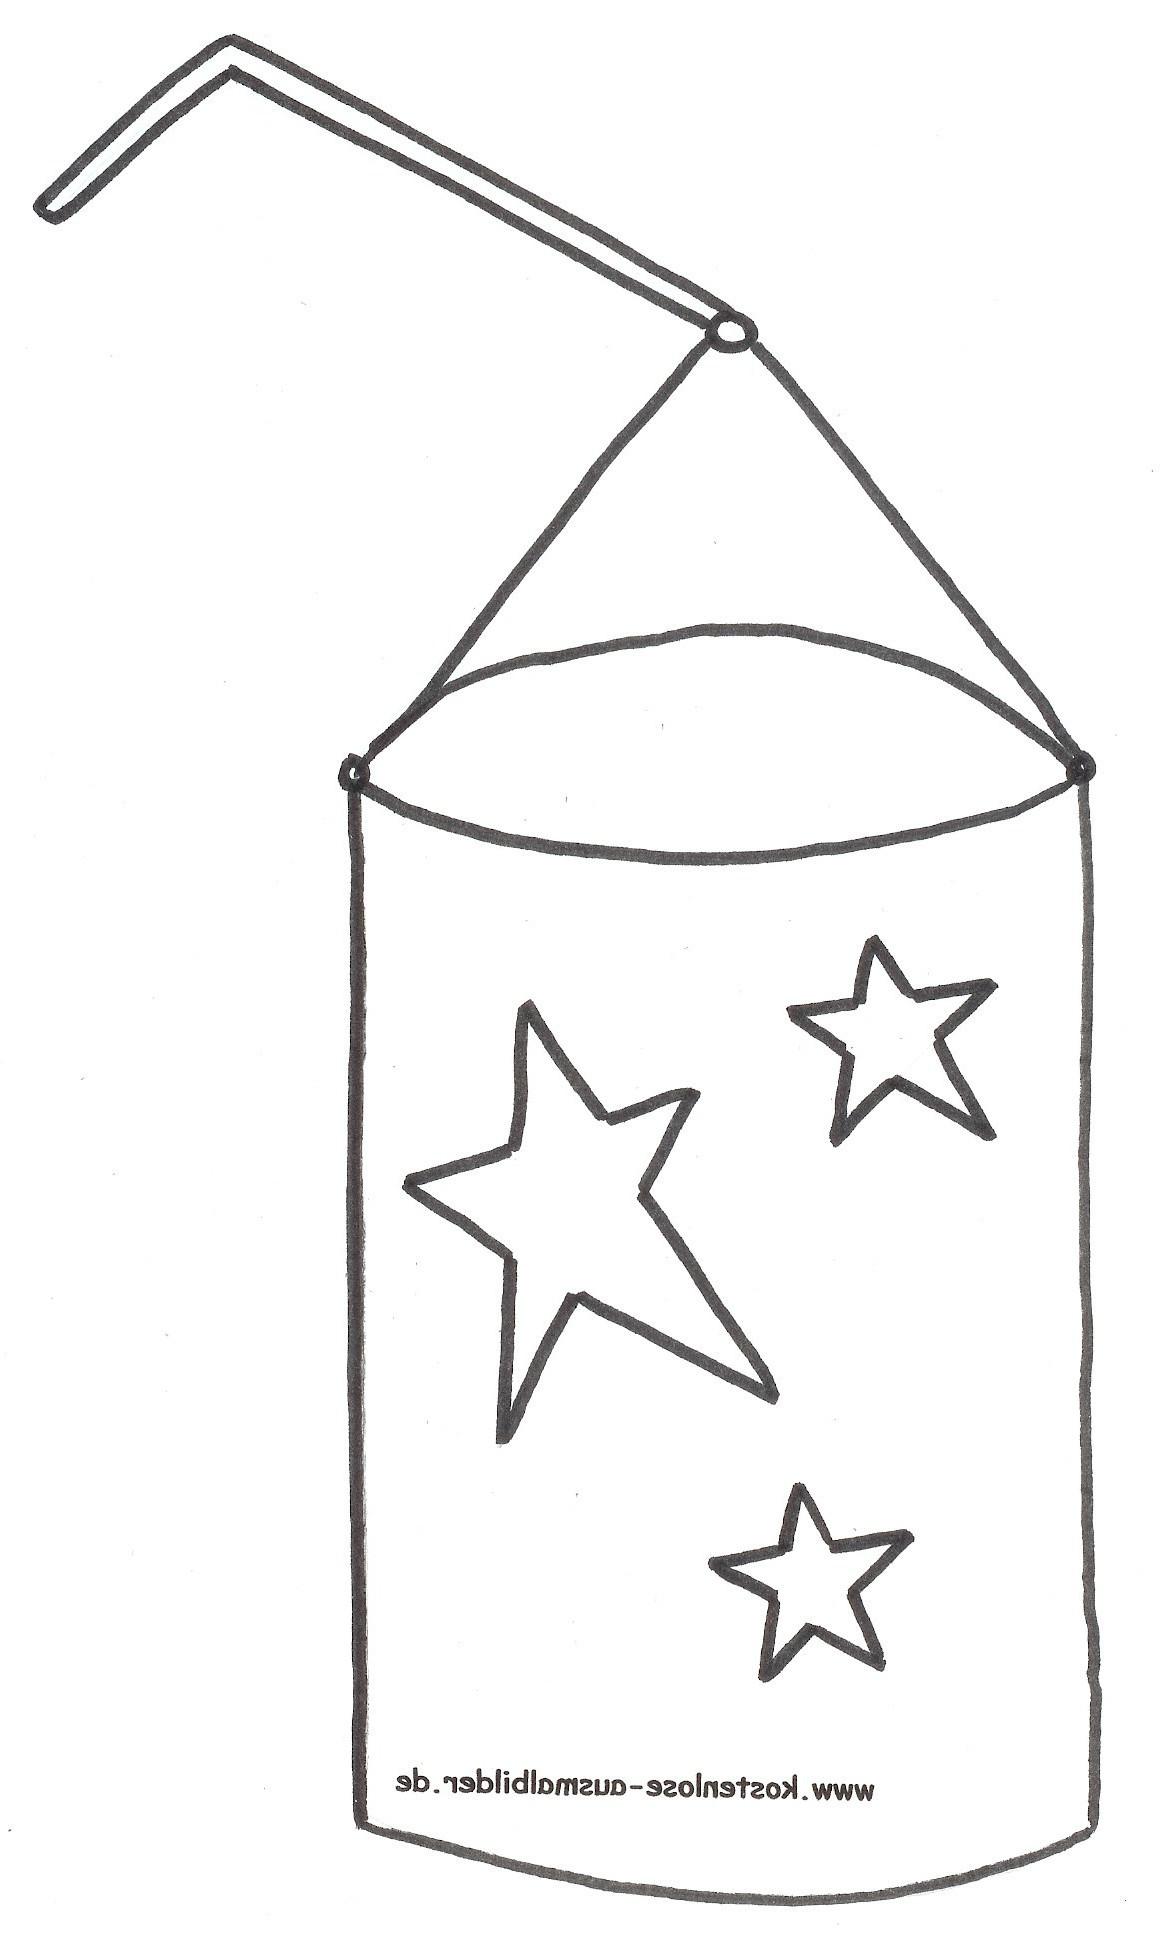 Laterne Ausmalbild St. Martin Inspirierend 24 Lecker Ausmalbilder St Martin – Malvorlagen Ideen Das Bild